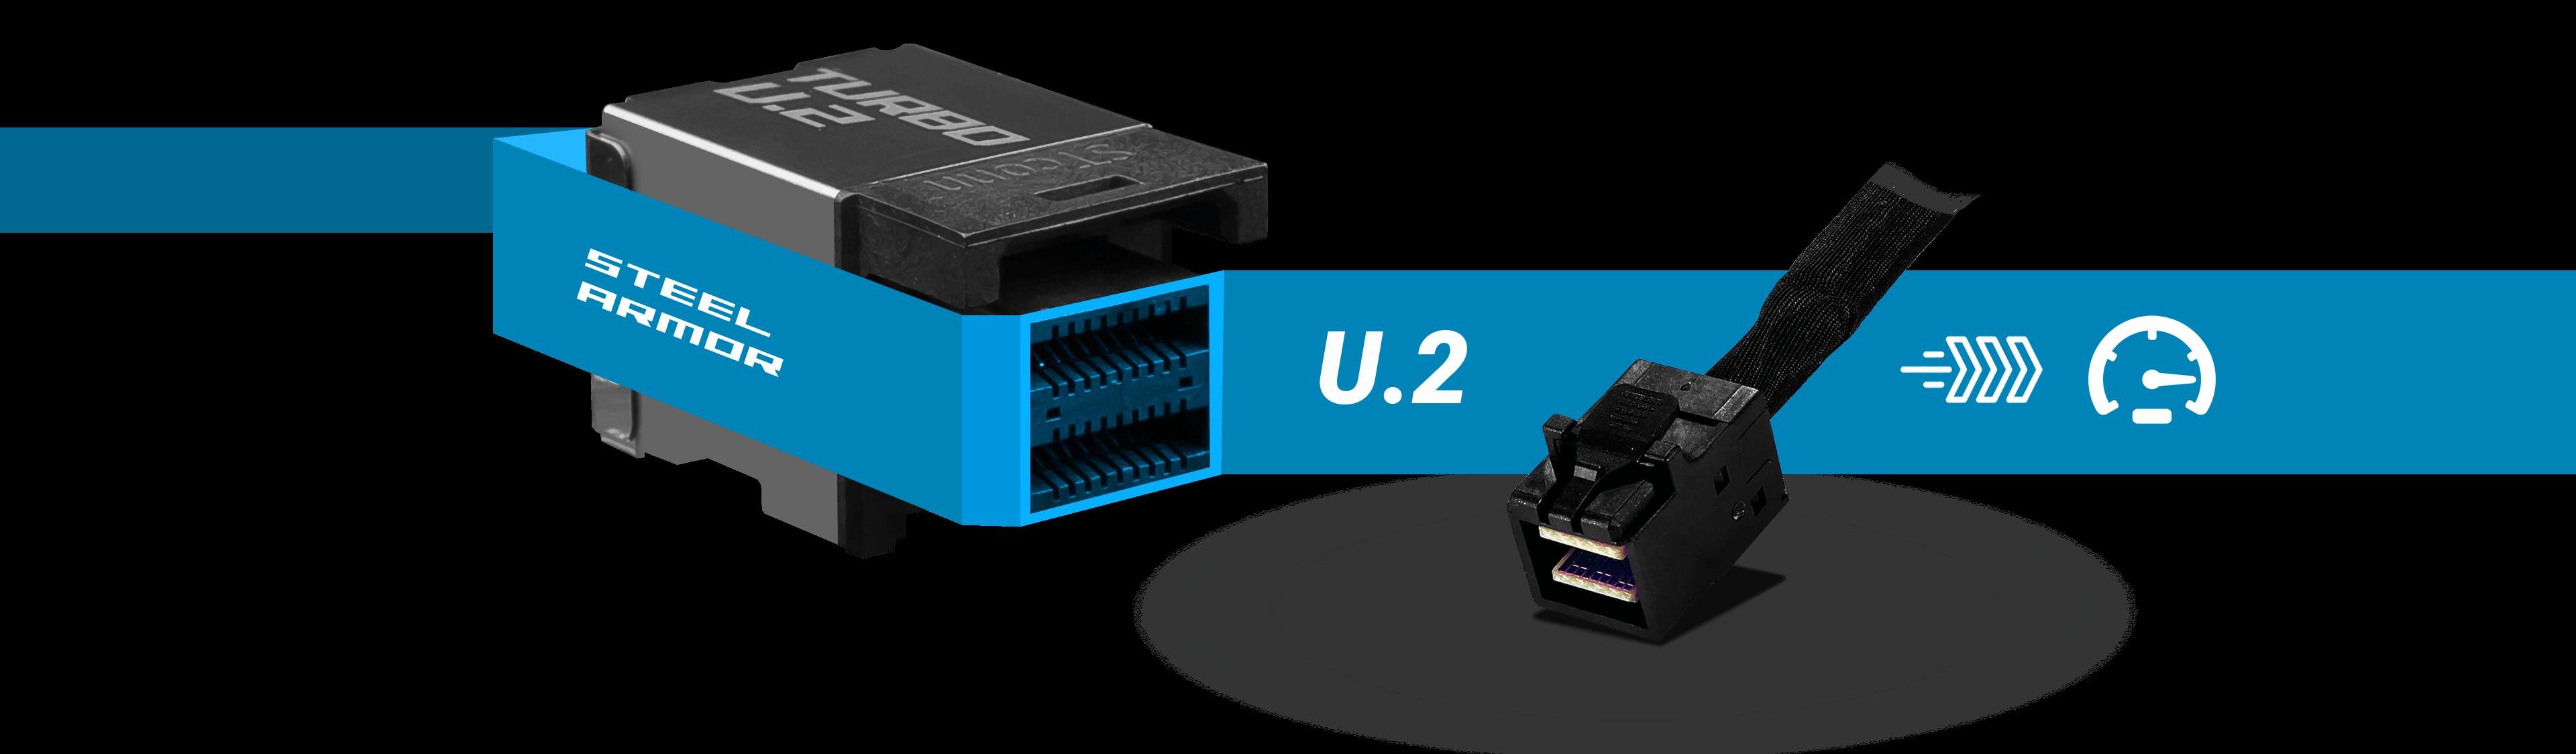 NOUVELLE GENERATION DE SSD : LE CONNECTEUR U.2 AVEC STEEL ARMOR